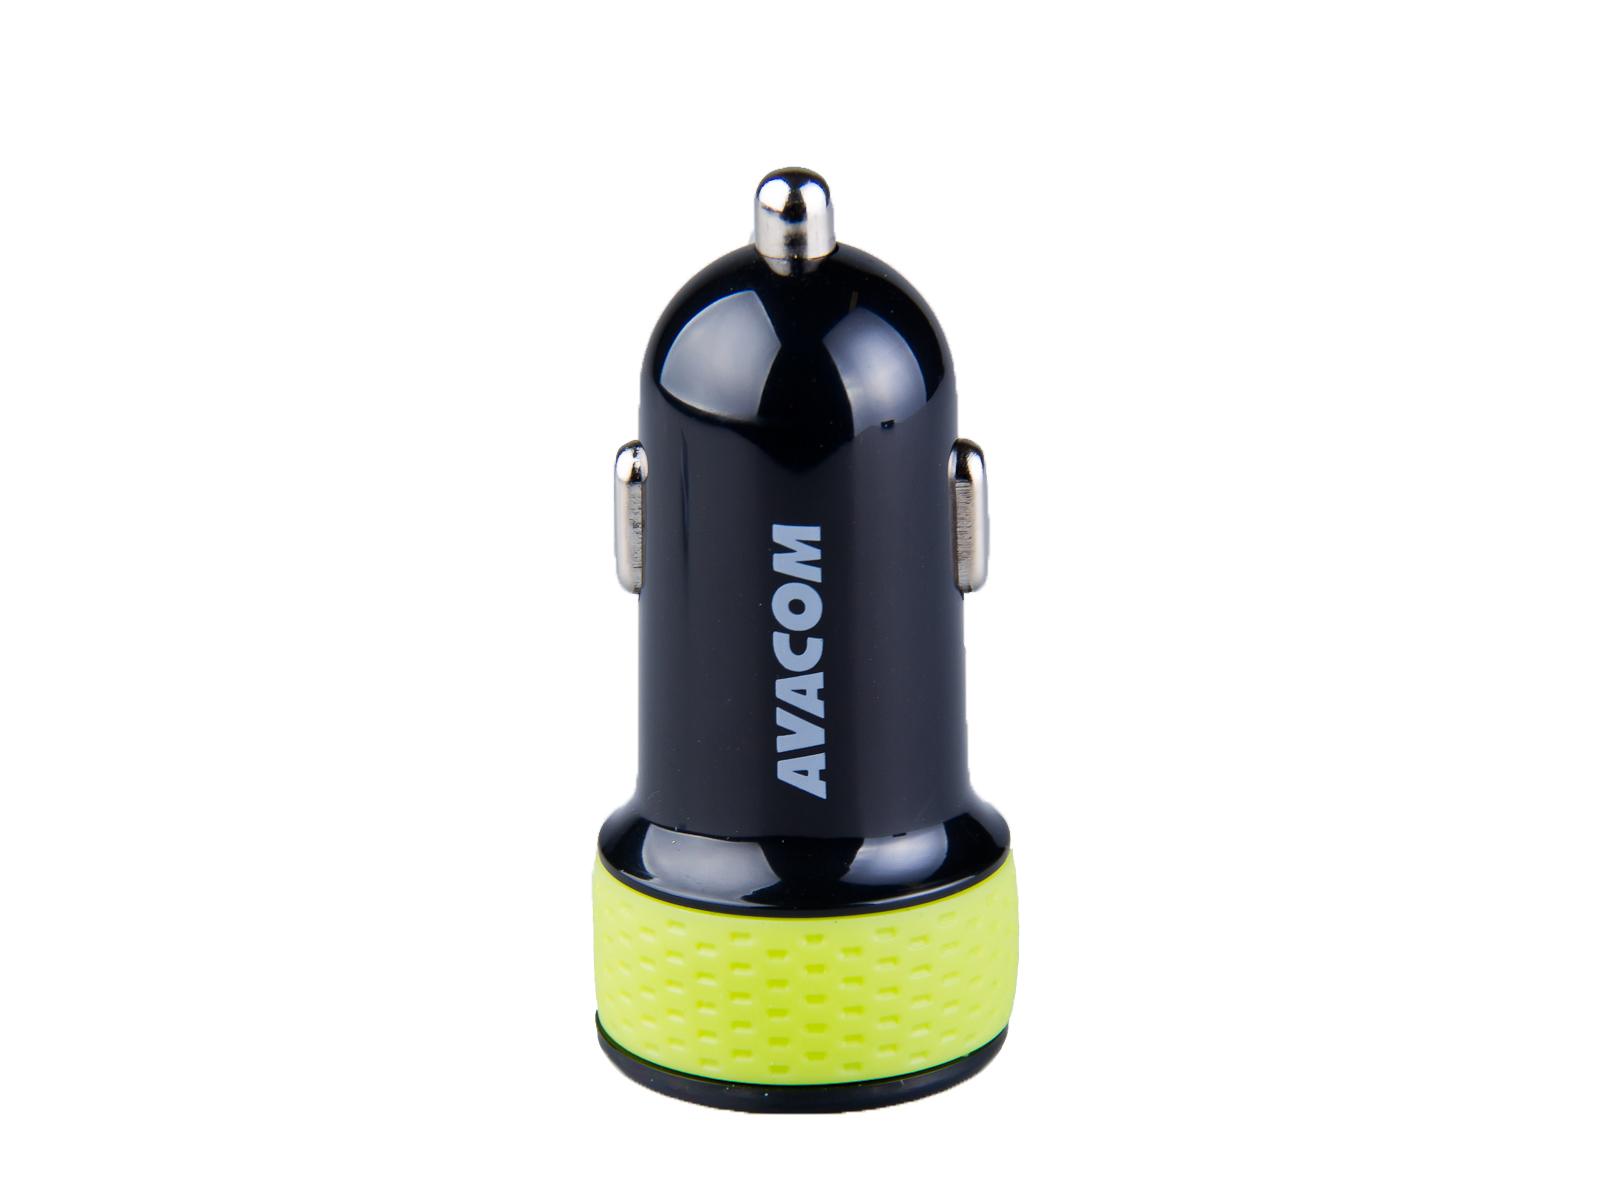 Nabíječka do auta AVACOM NACL-2XKG-31A s dvěma USB výstupy 5V/1A - 3,1A, černo-zelená barva